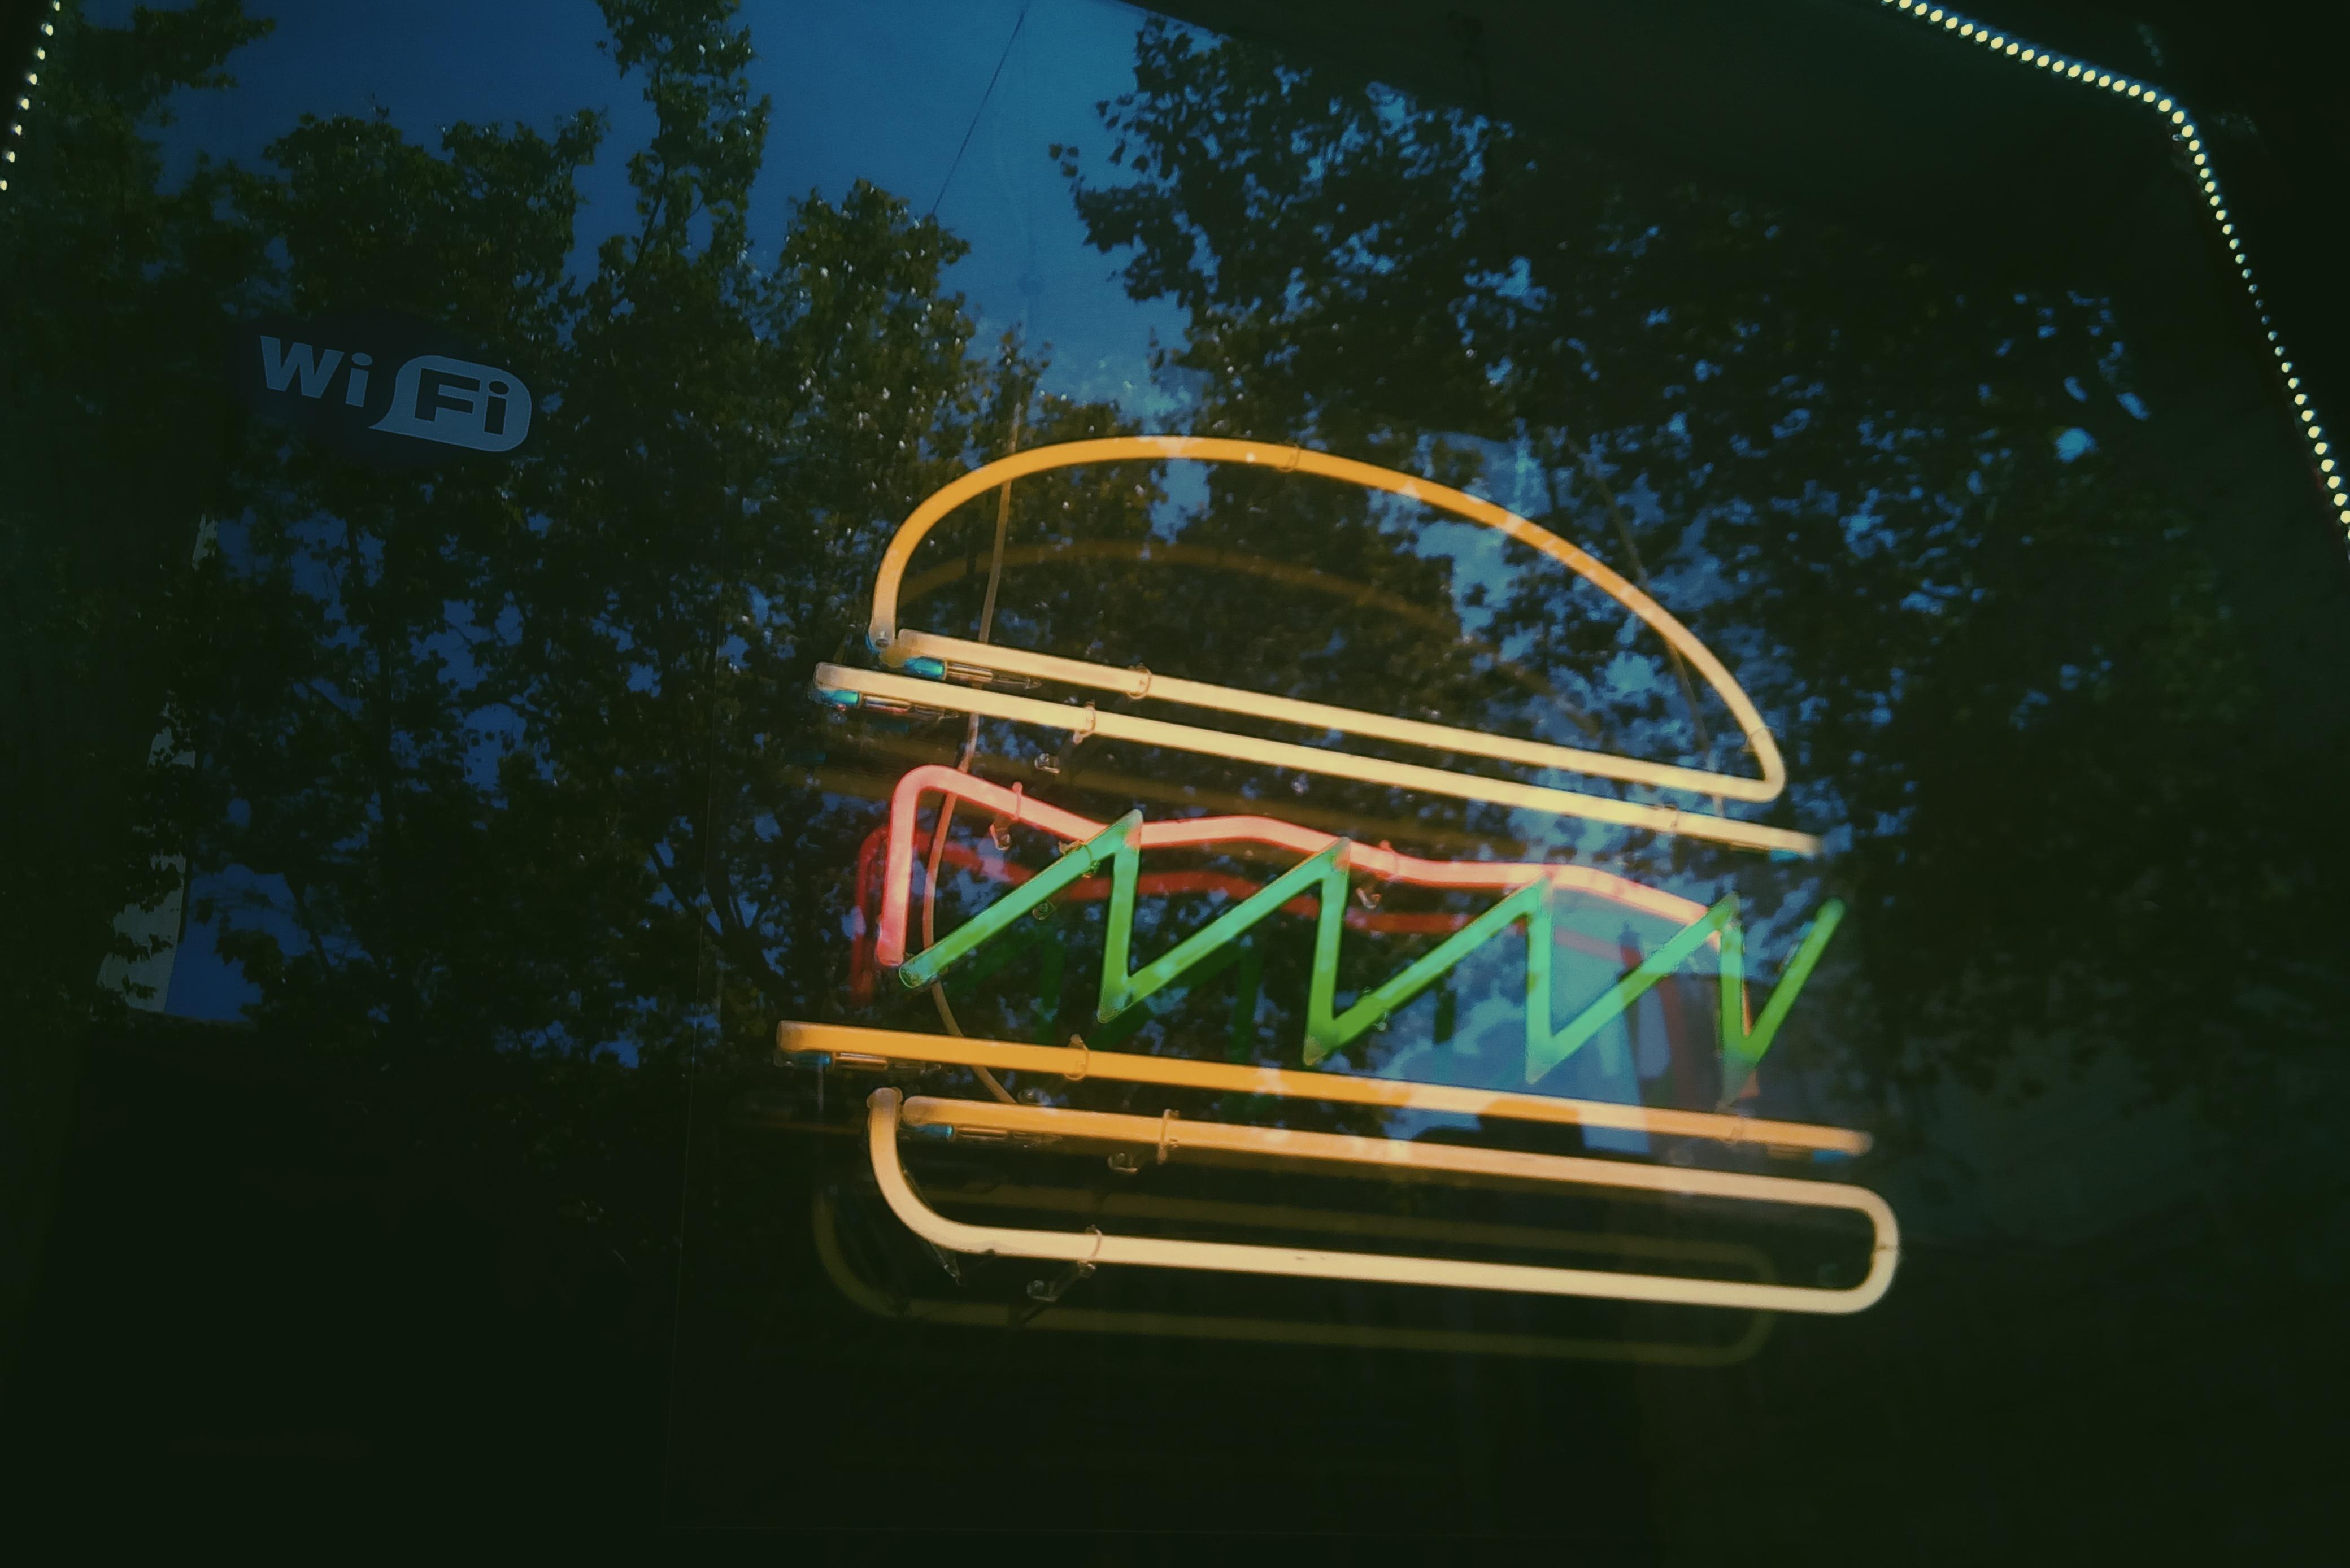 無料画像 光 点灯 図 トランペット スクリーンショット 金管楽器 コンピュータの壁紙 4160x2776 無料写真 Pxhere